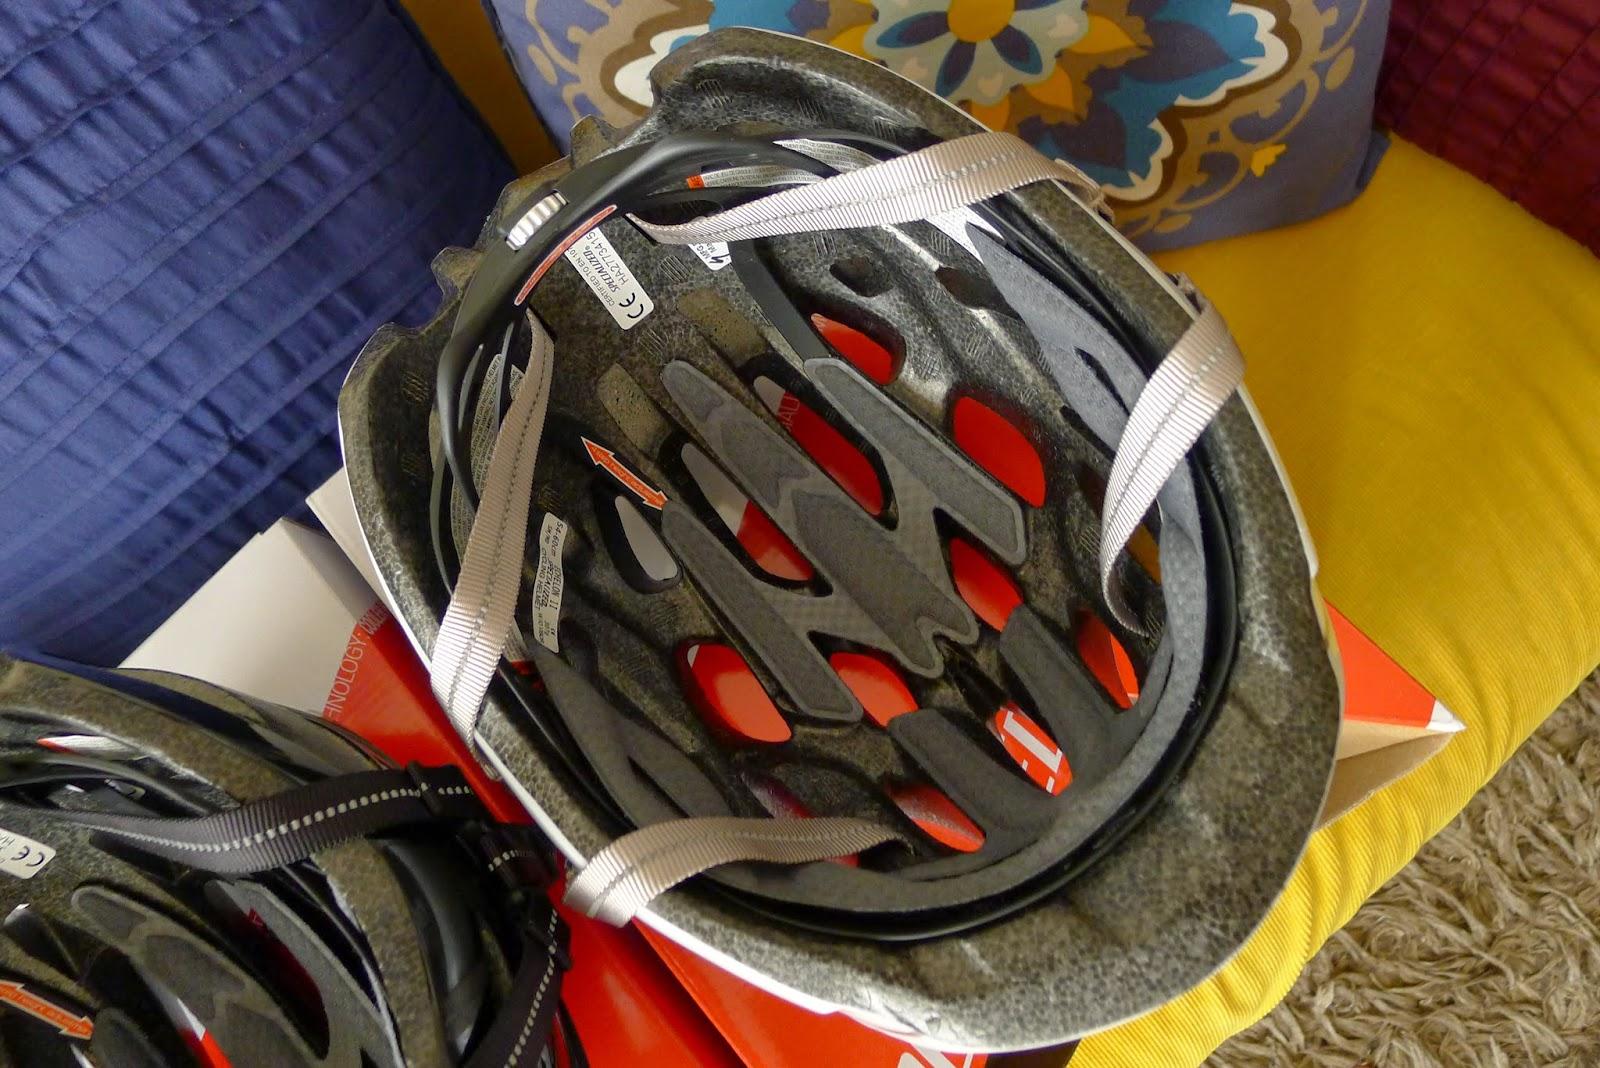 Specialized echelon helmet size guide